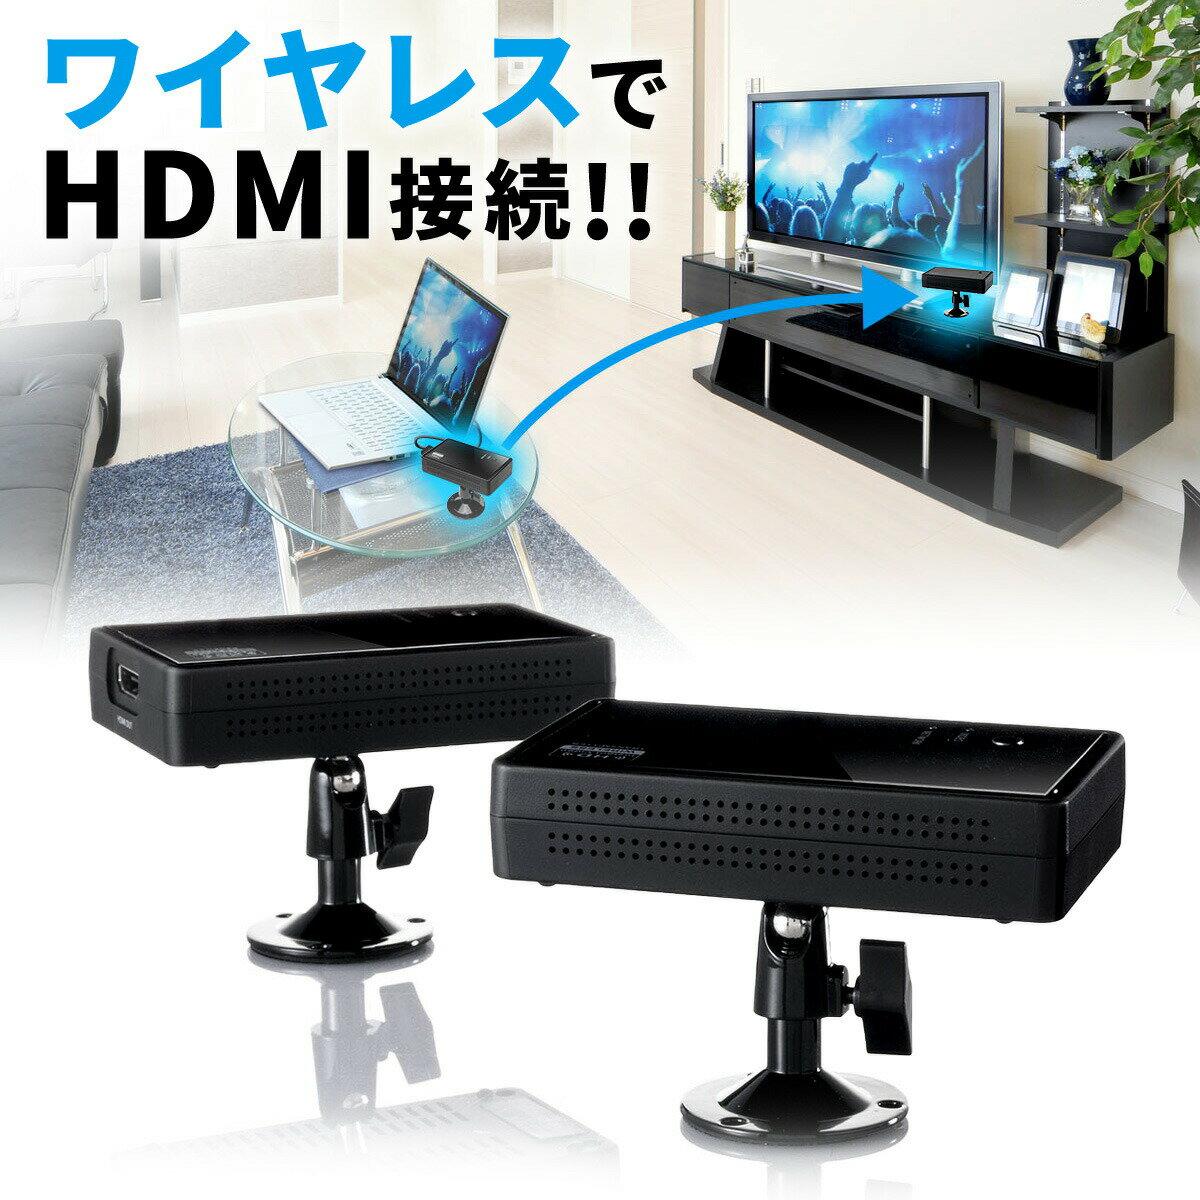 ワイヤレスHDMIエクステンダー(送受信機セット・無線・最大通信距離50m・小型)[400-VGA012]【サンワダイレクト限定品】【送料無料】